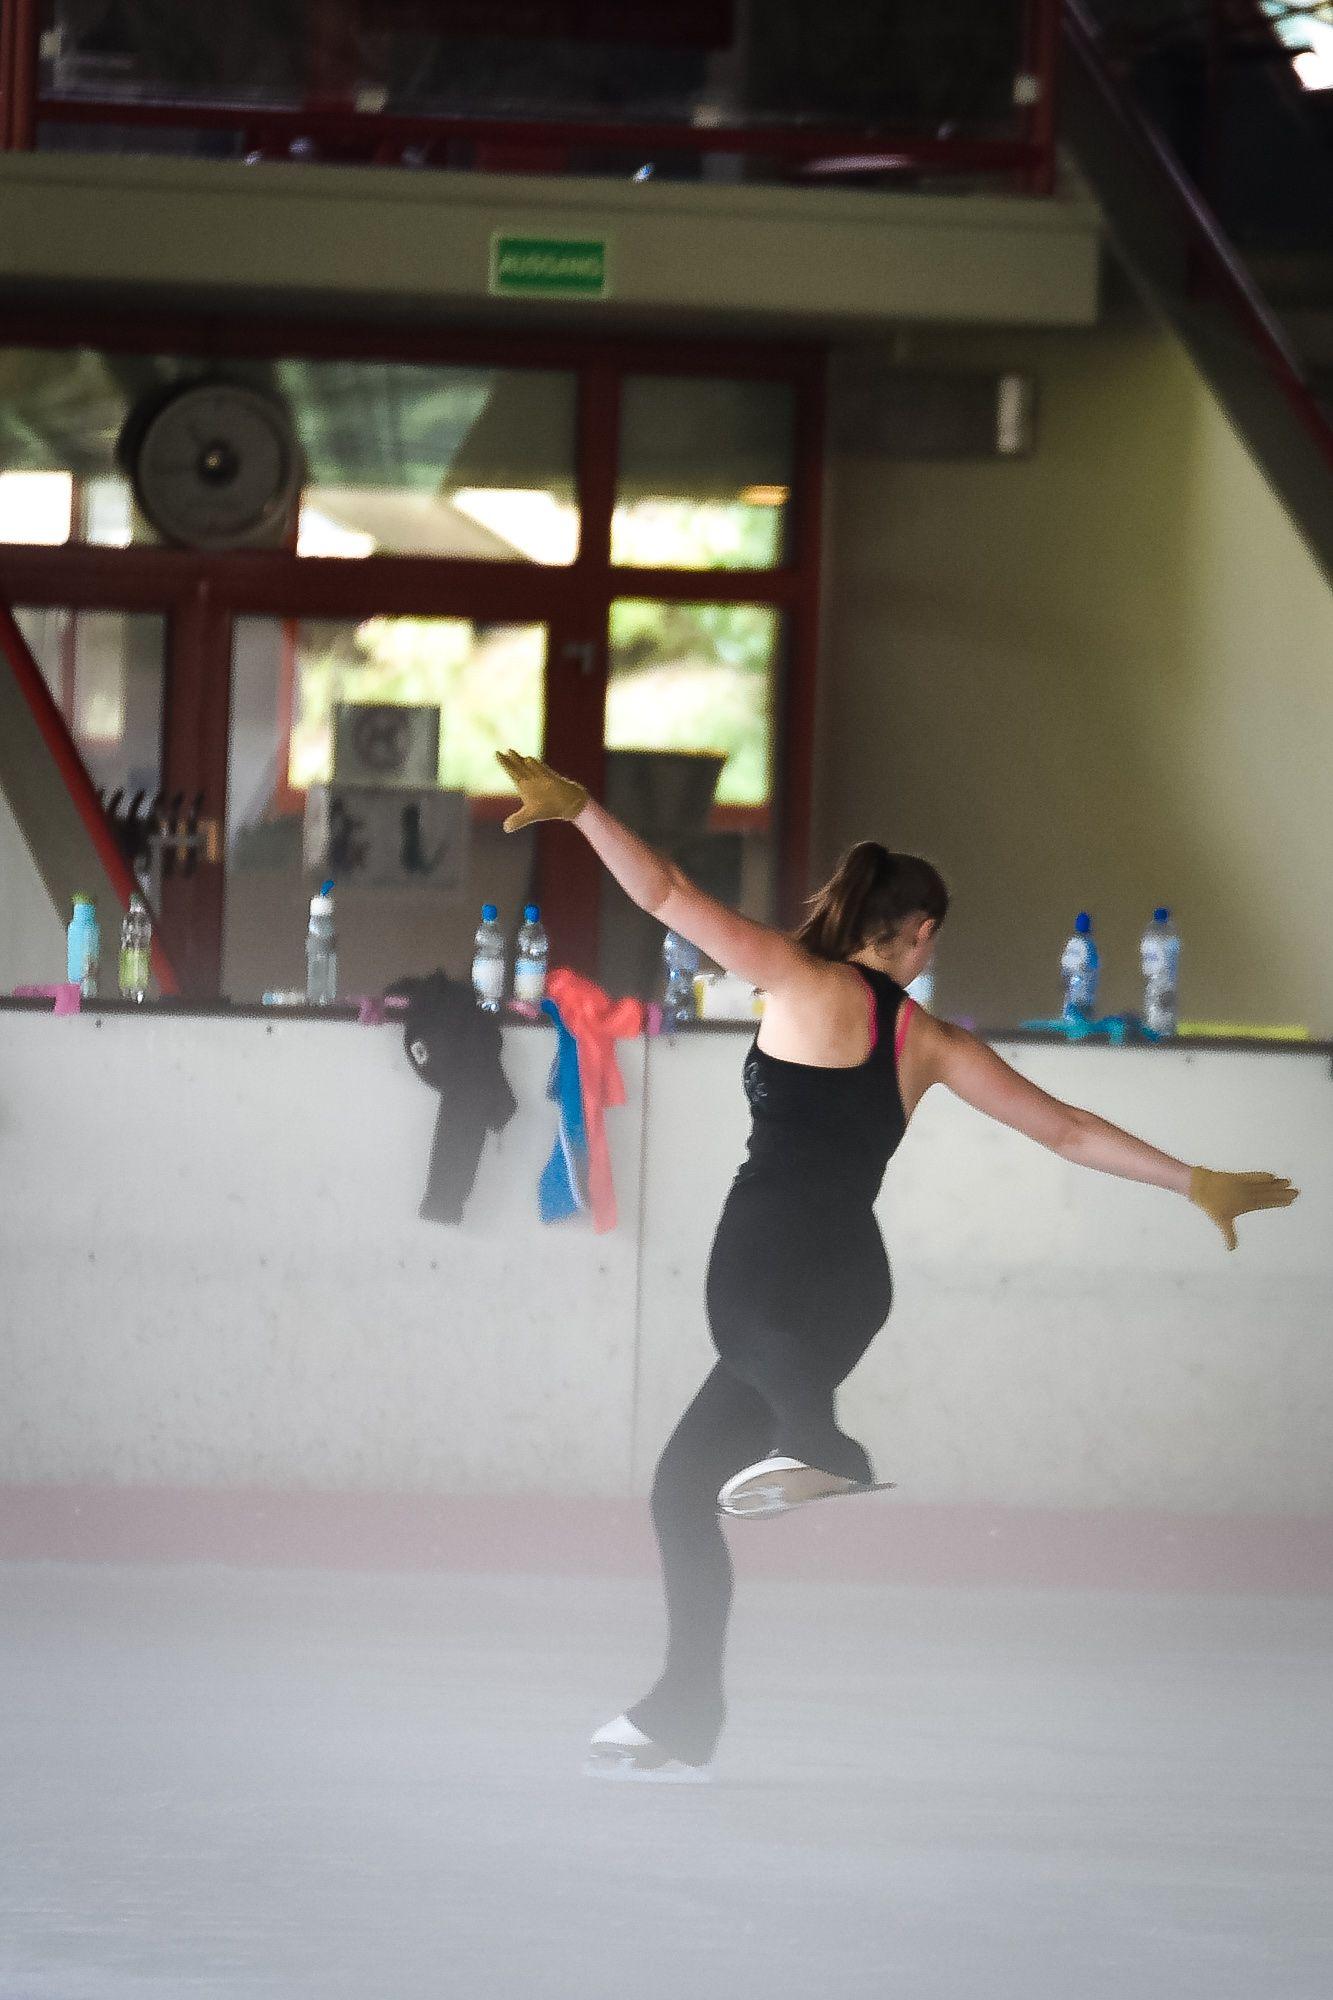 Egal, ob Eislaufen, Eiskunstlauf oder Eistanz: In der Eissporthalle #Willingen können Anfänger und Fortgeschrittene ins Eiskunstlauf-Training reinschnuppern. | Foto: Y-SiTE